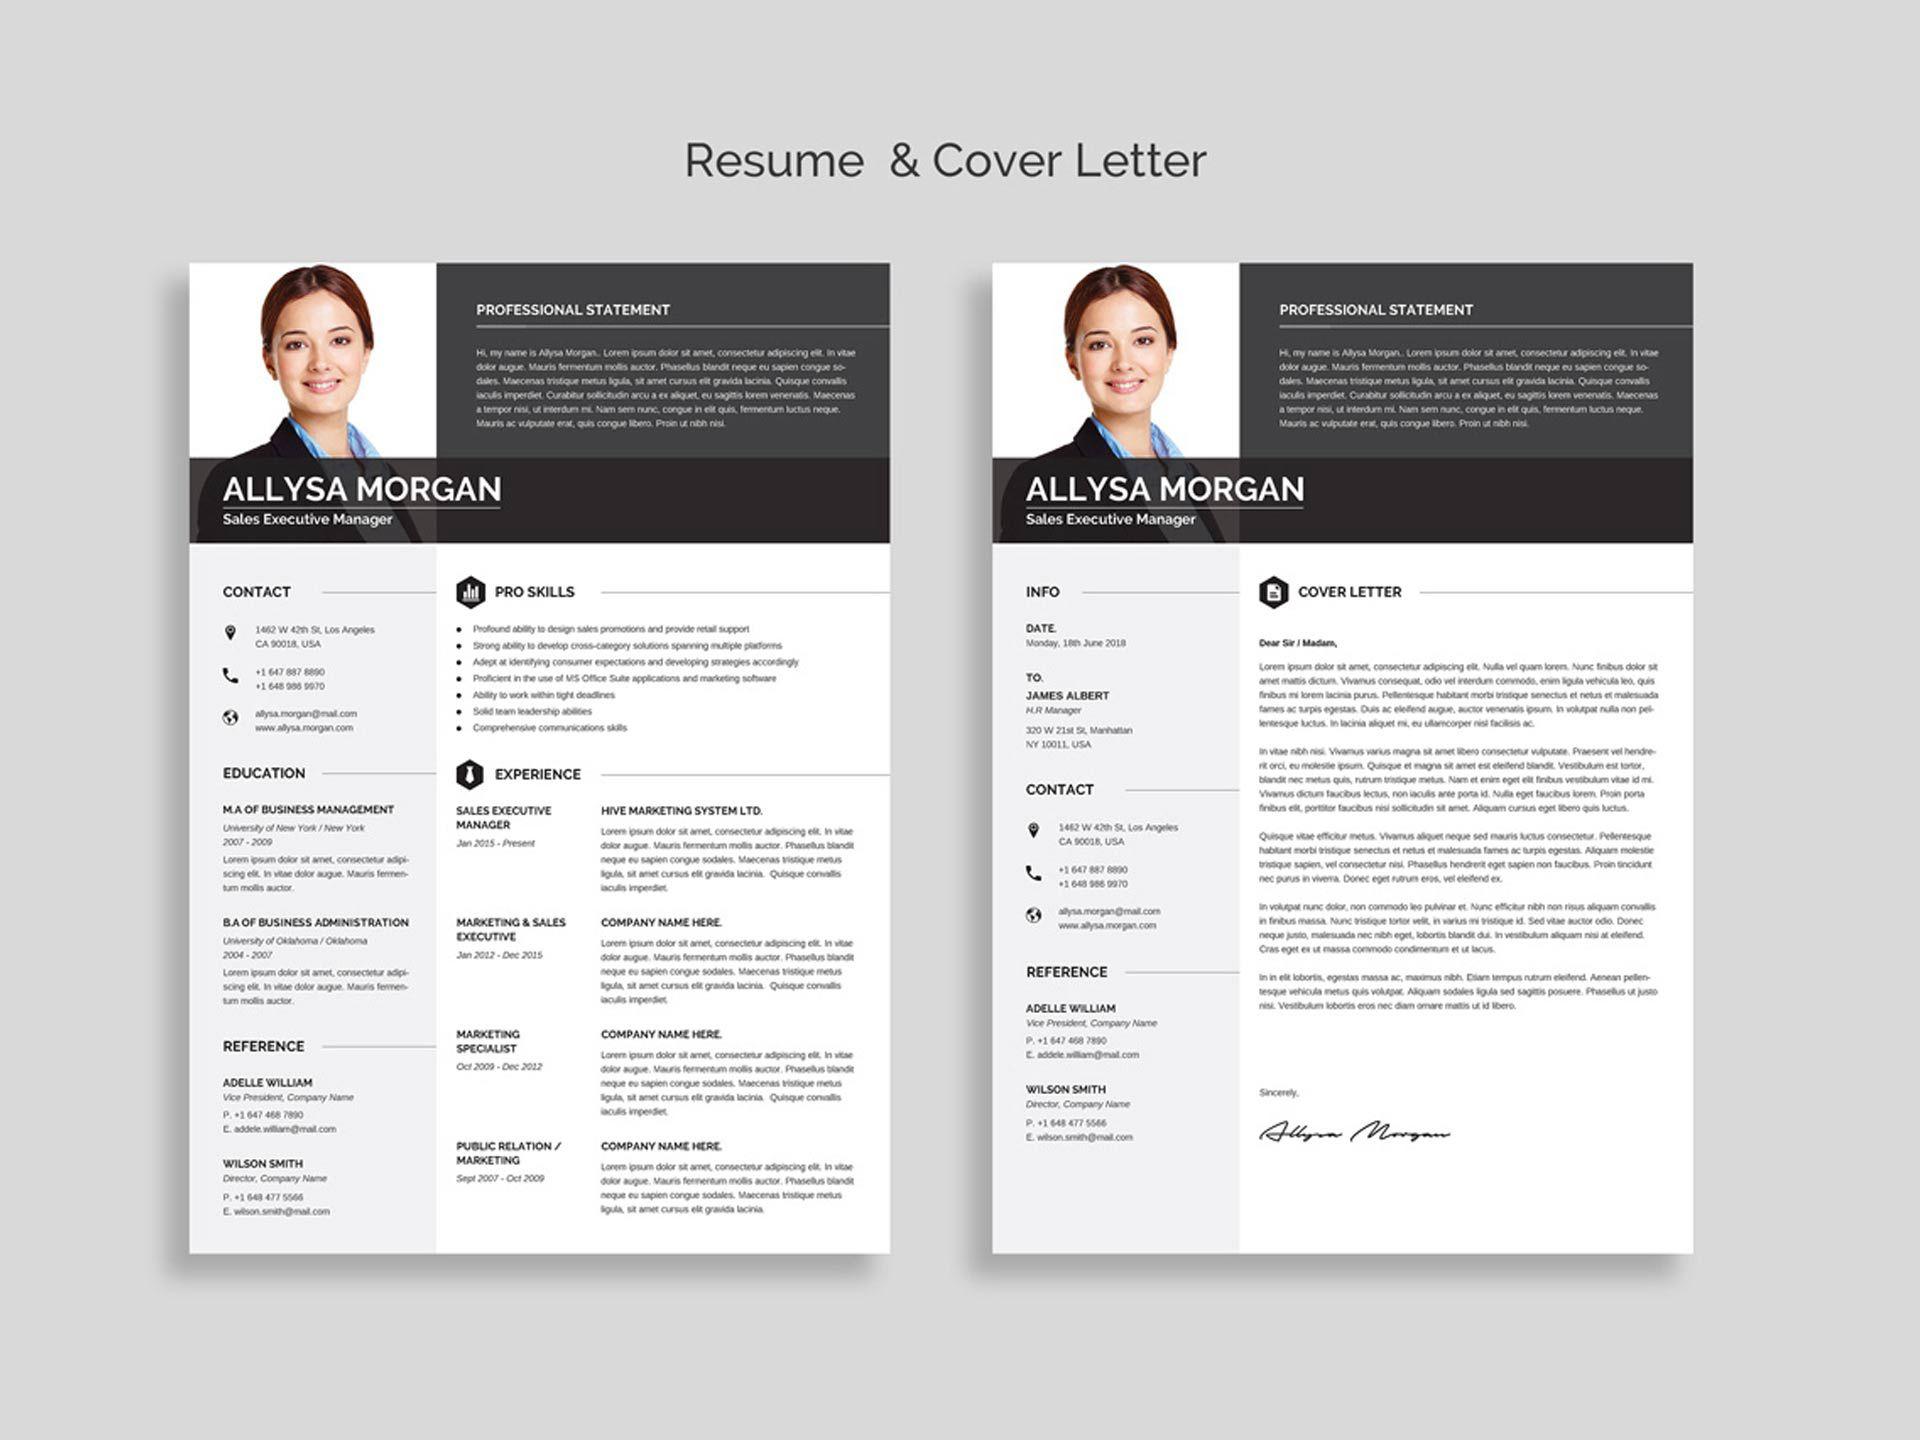 004 Wondrou Resume Template Free Word Design  Download Cv 2020 FormatFull